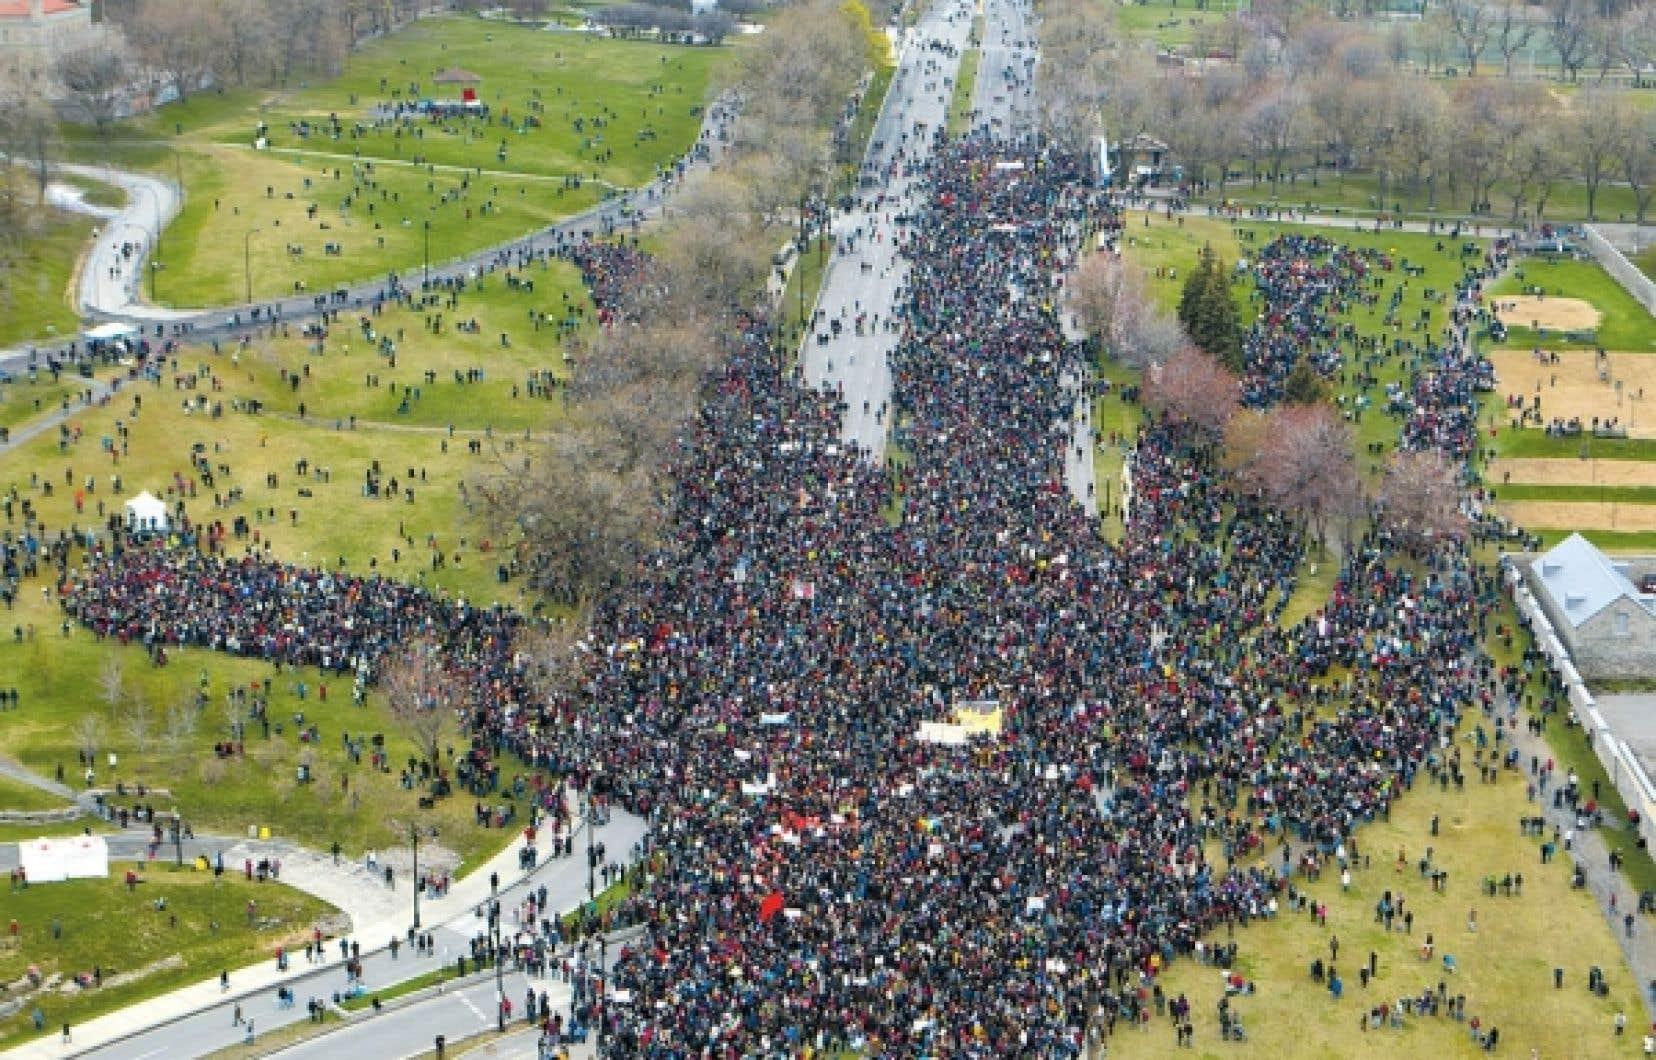 <div> Des dizaines de milliers de personnes ont convergé vers le parc Jeanne-Mance, hier, à Montréal, pour créer une main et un arbre humain à l'occasion du Jour de la Terre. Les participants sont venus de toutes les régions du Québec pour demander une meilleure gestion des ressources naturelles.</div>